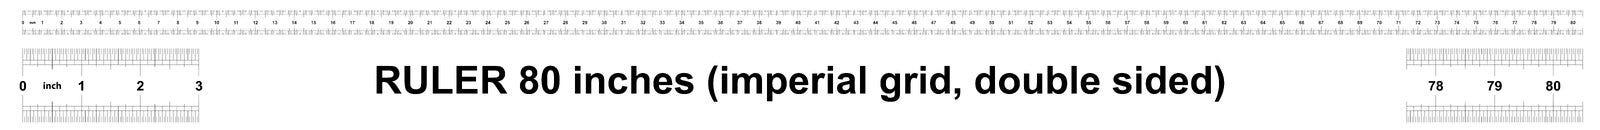 Правитель 80 дюймов имперский Цена разделения 1/32 дюймов Двойник правителя встал на сторону Точный измеряя инструмент Решетка та иллюстрация штока